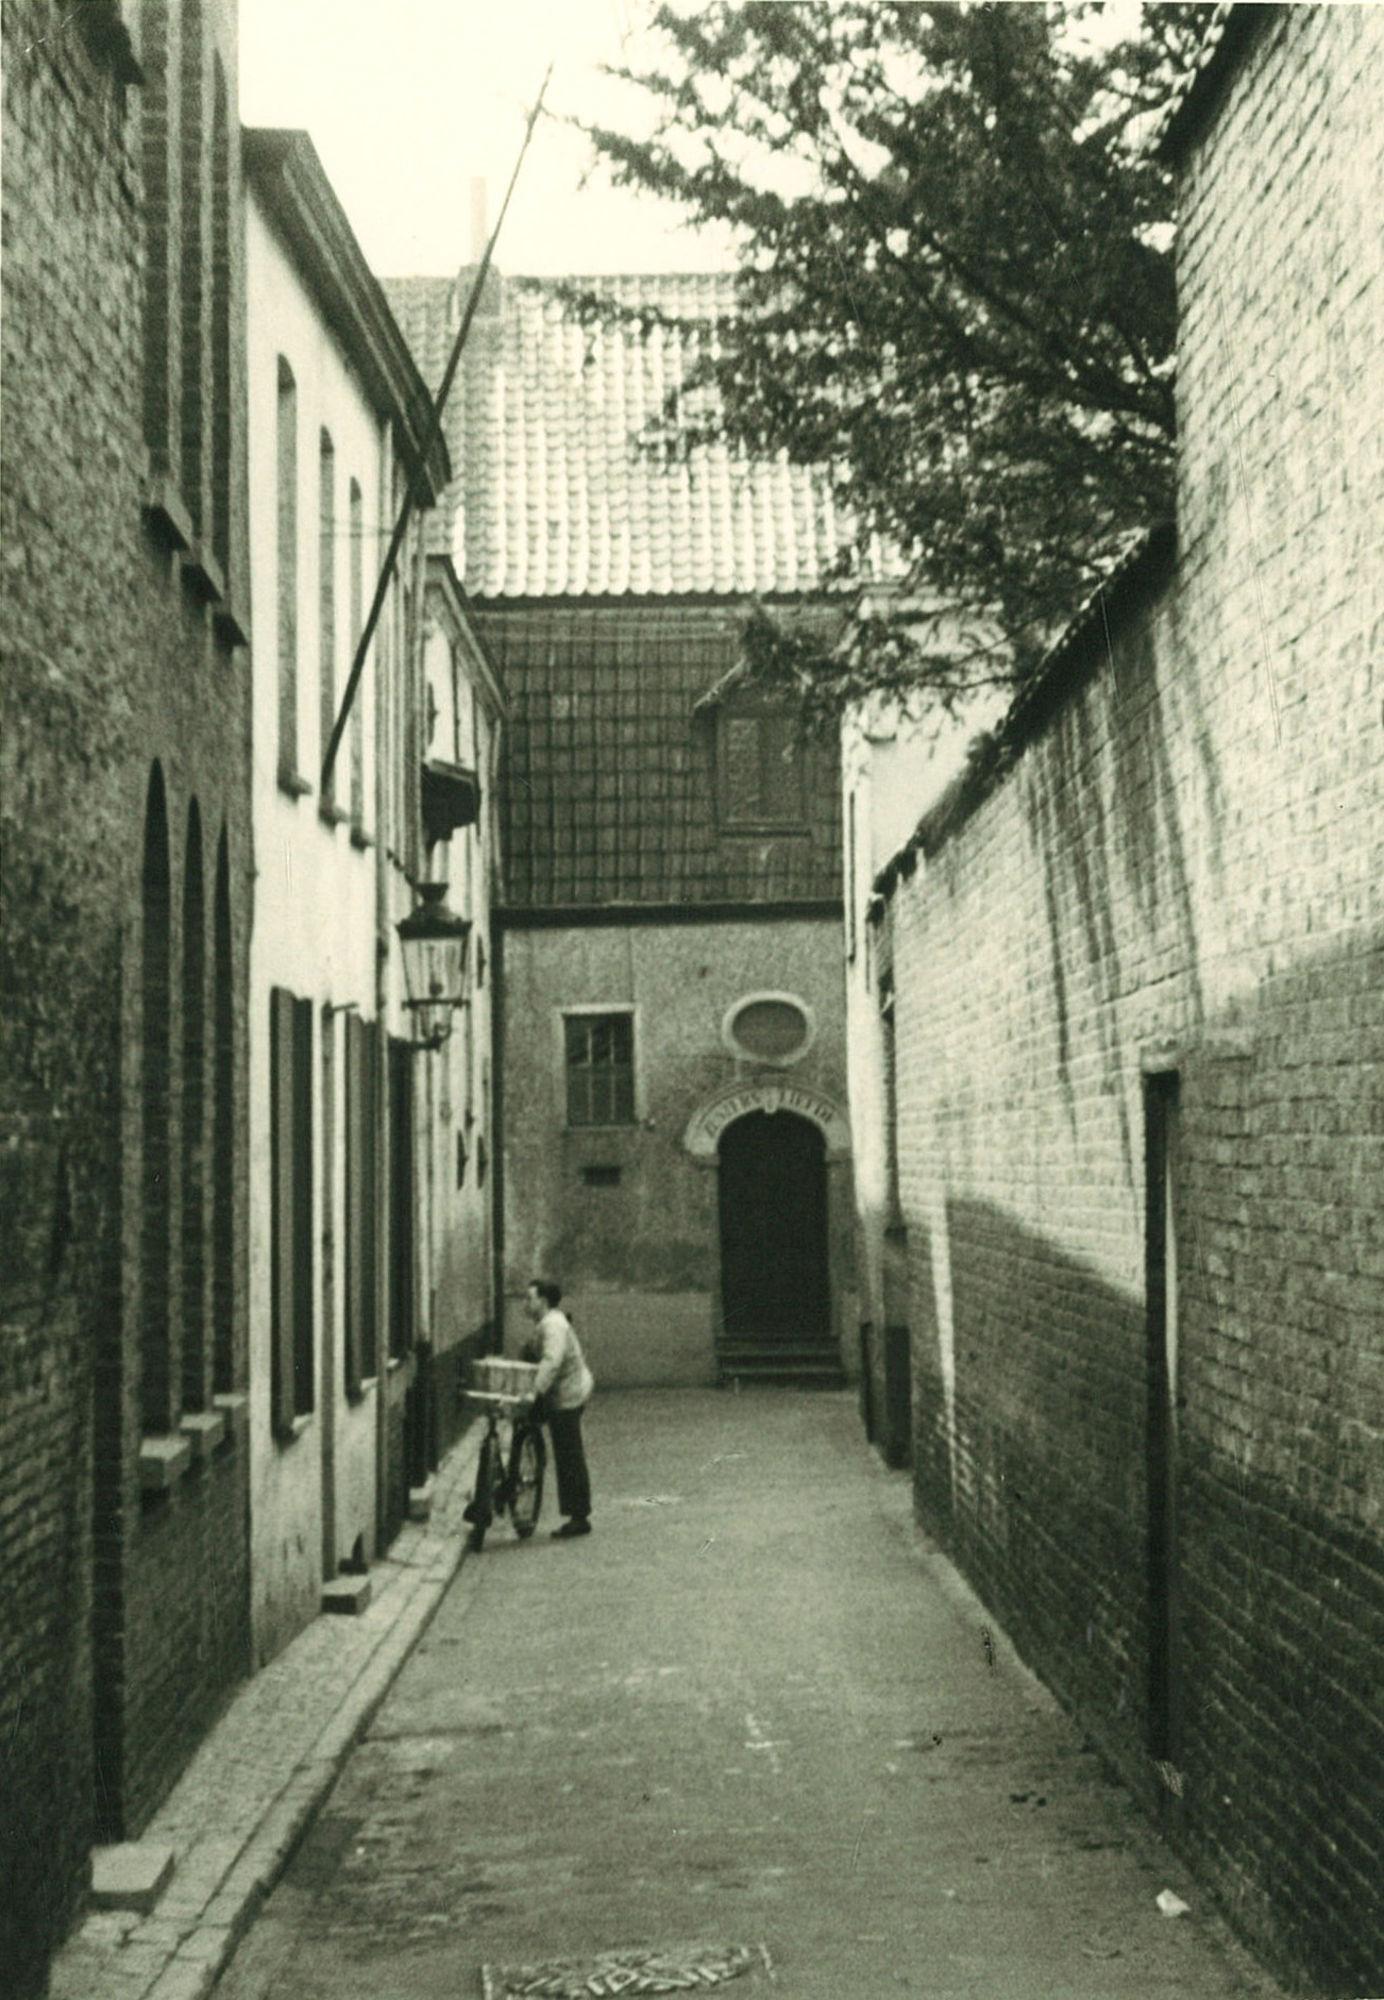 Bersacque's poortje